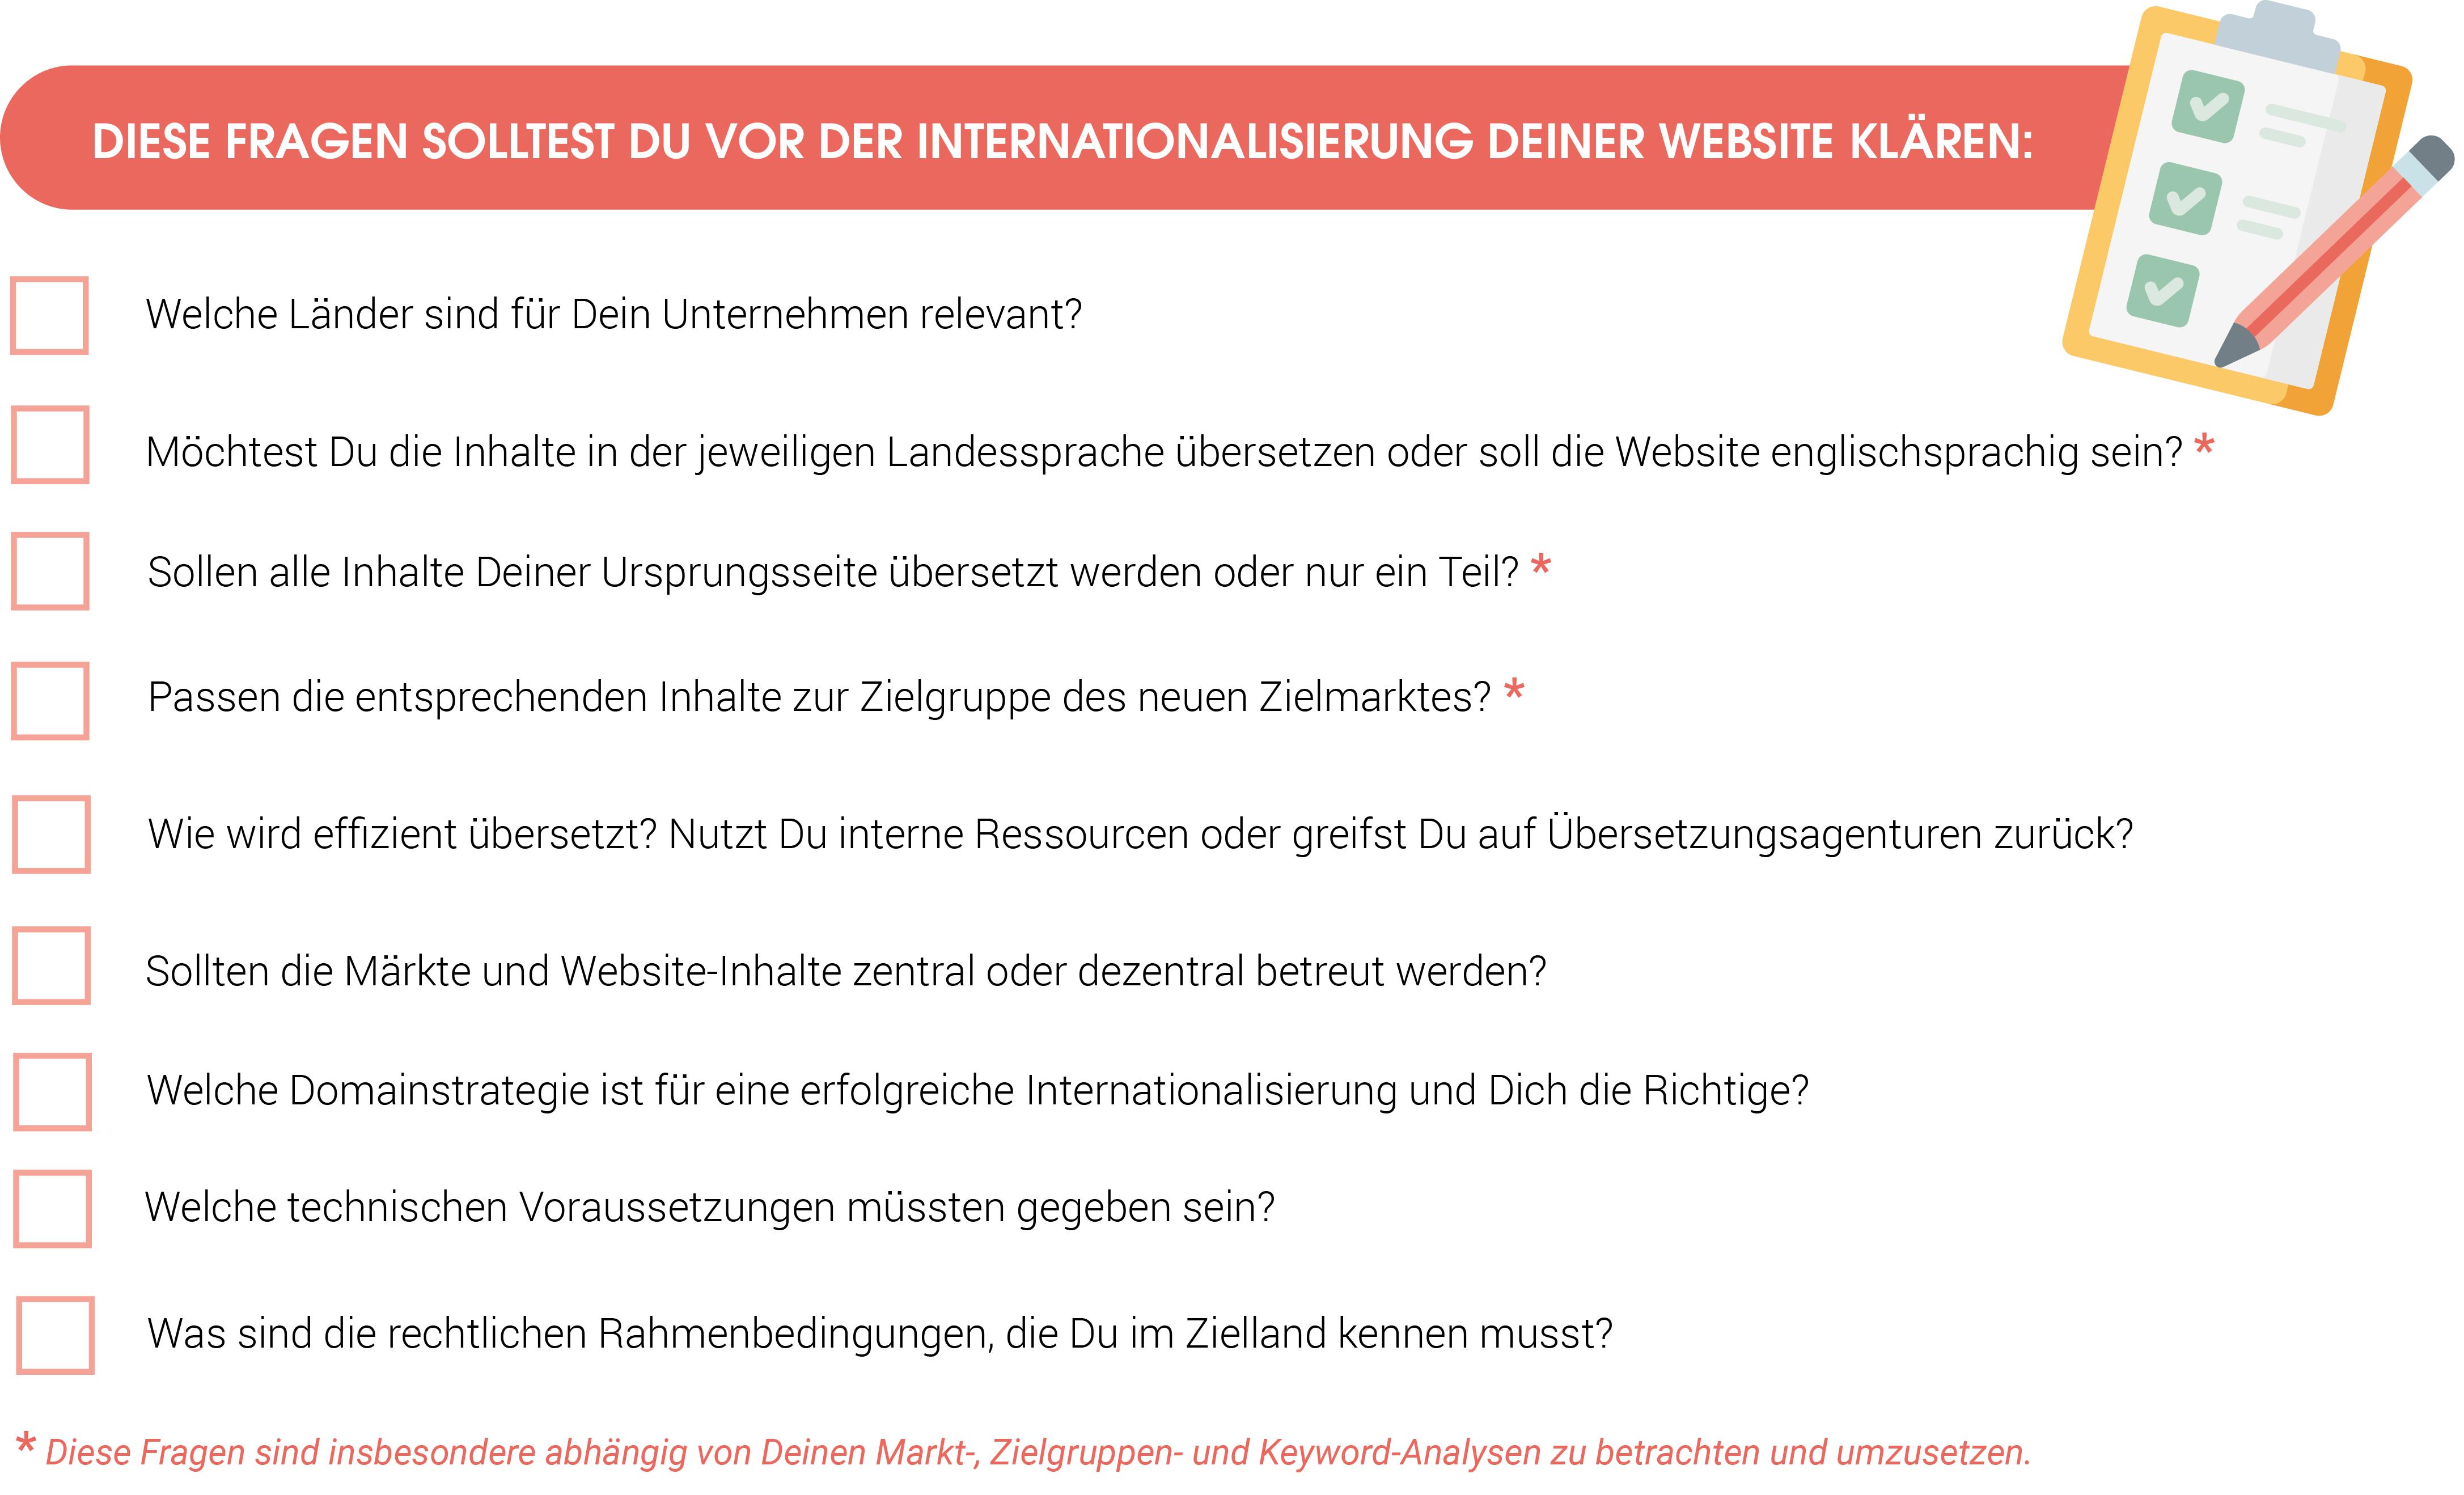 Das Bild zeigt eine Checkliste mit verschiedenen Fragen, die Du vor einer Internationalisierung Deiner Website klären solltest.